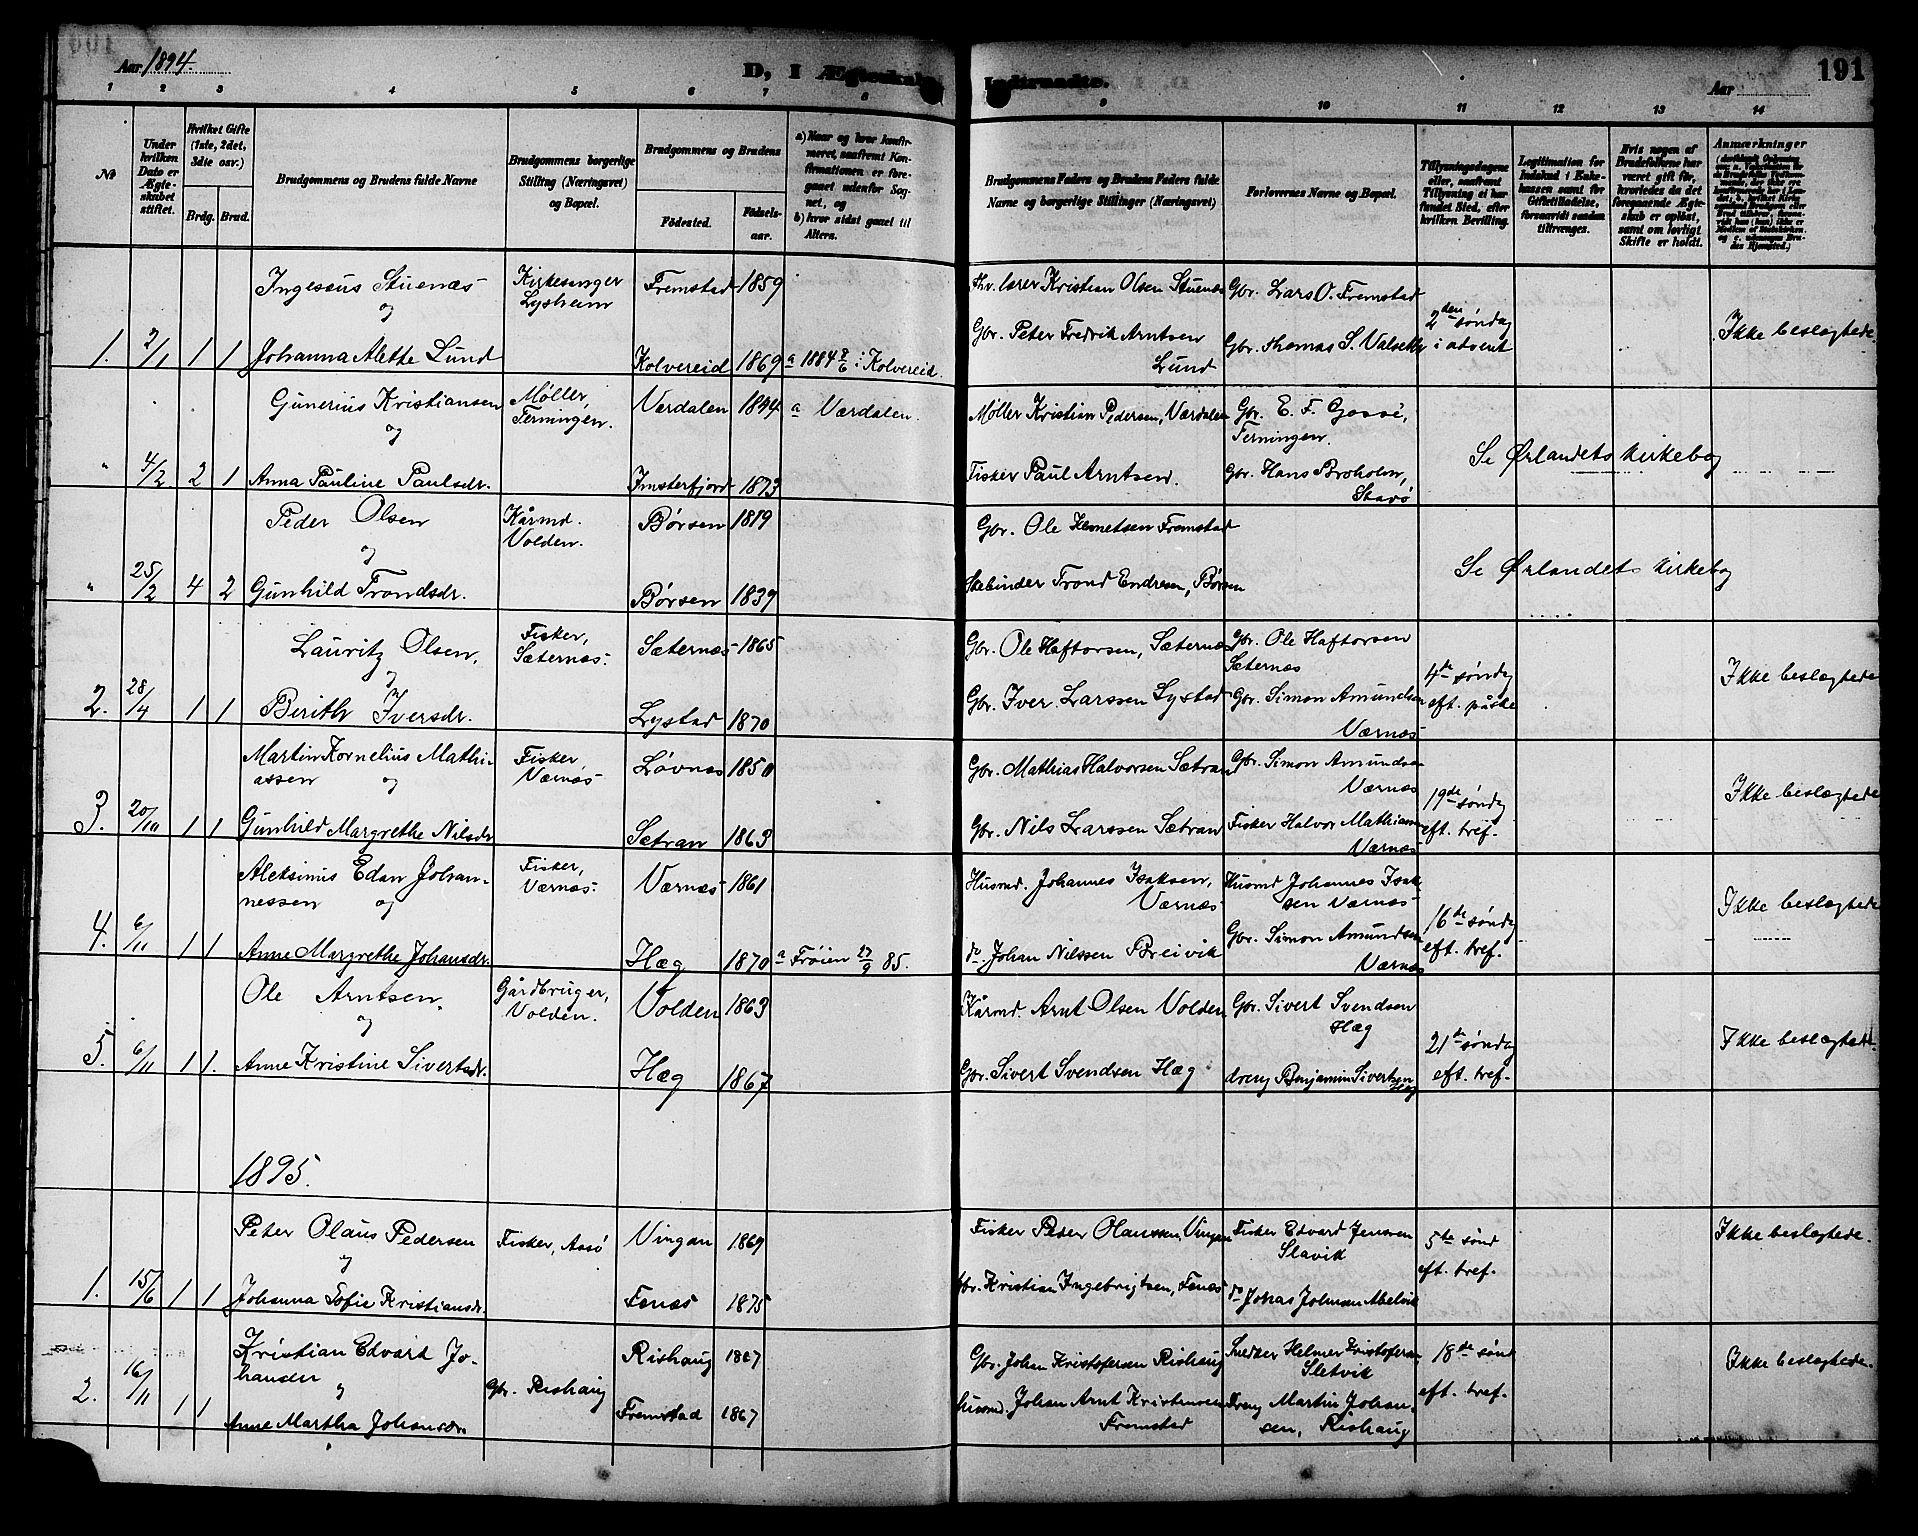 SAT, Ministerialprotokoller, klokkerbøker og fødselsregistre - Sør-Trøndelag, 662/L0757: Klokkerbok nr. 662C02, 1892-1918, s. 191